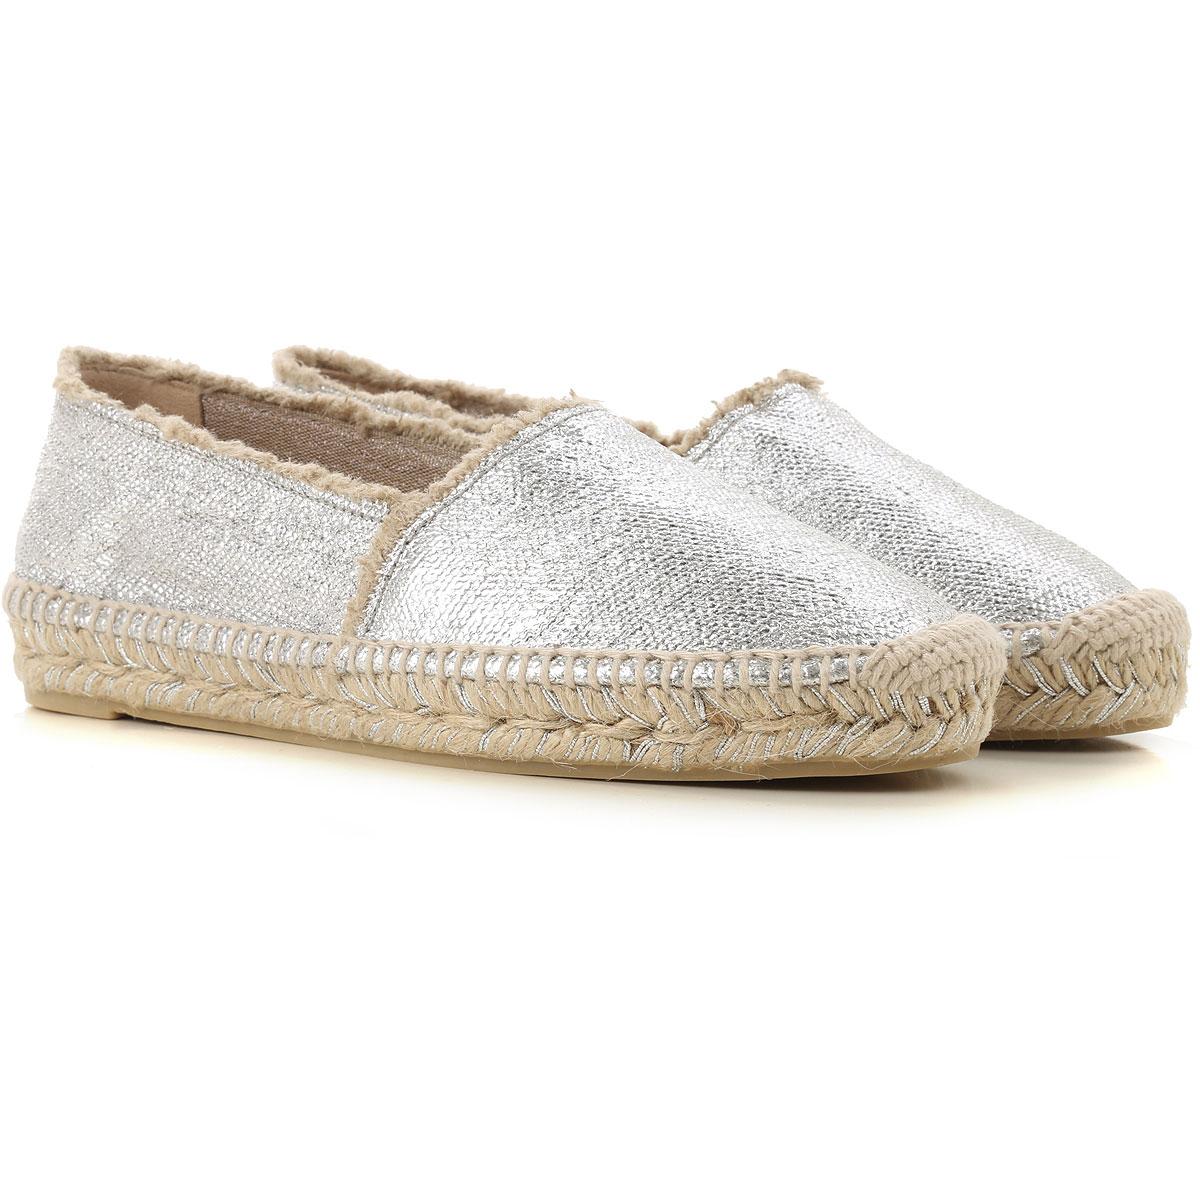 Castaner Slip on Sneakers for Women, Silver, Patent, 2017, 10 11 5 6 7 8 9